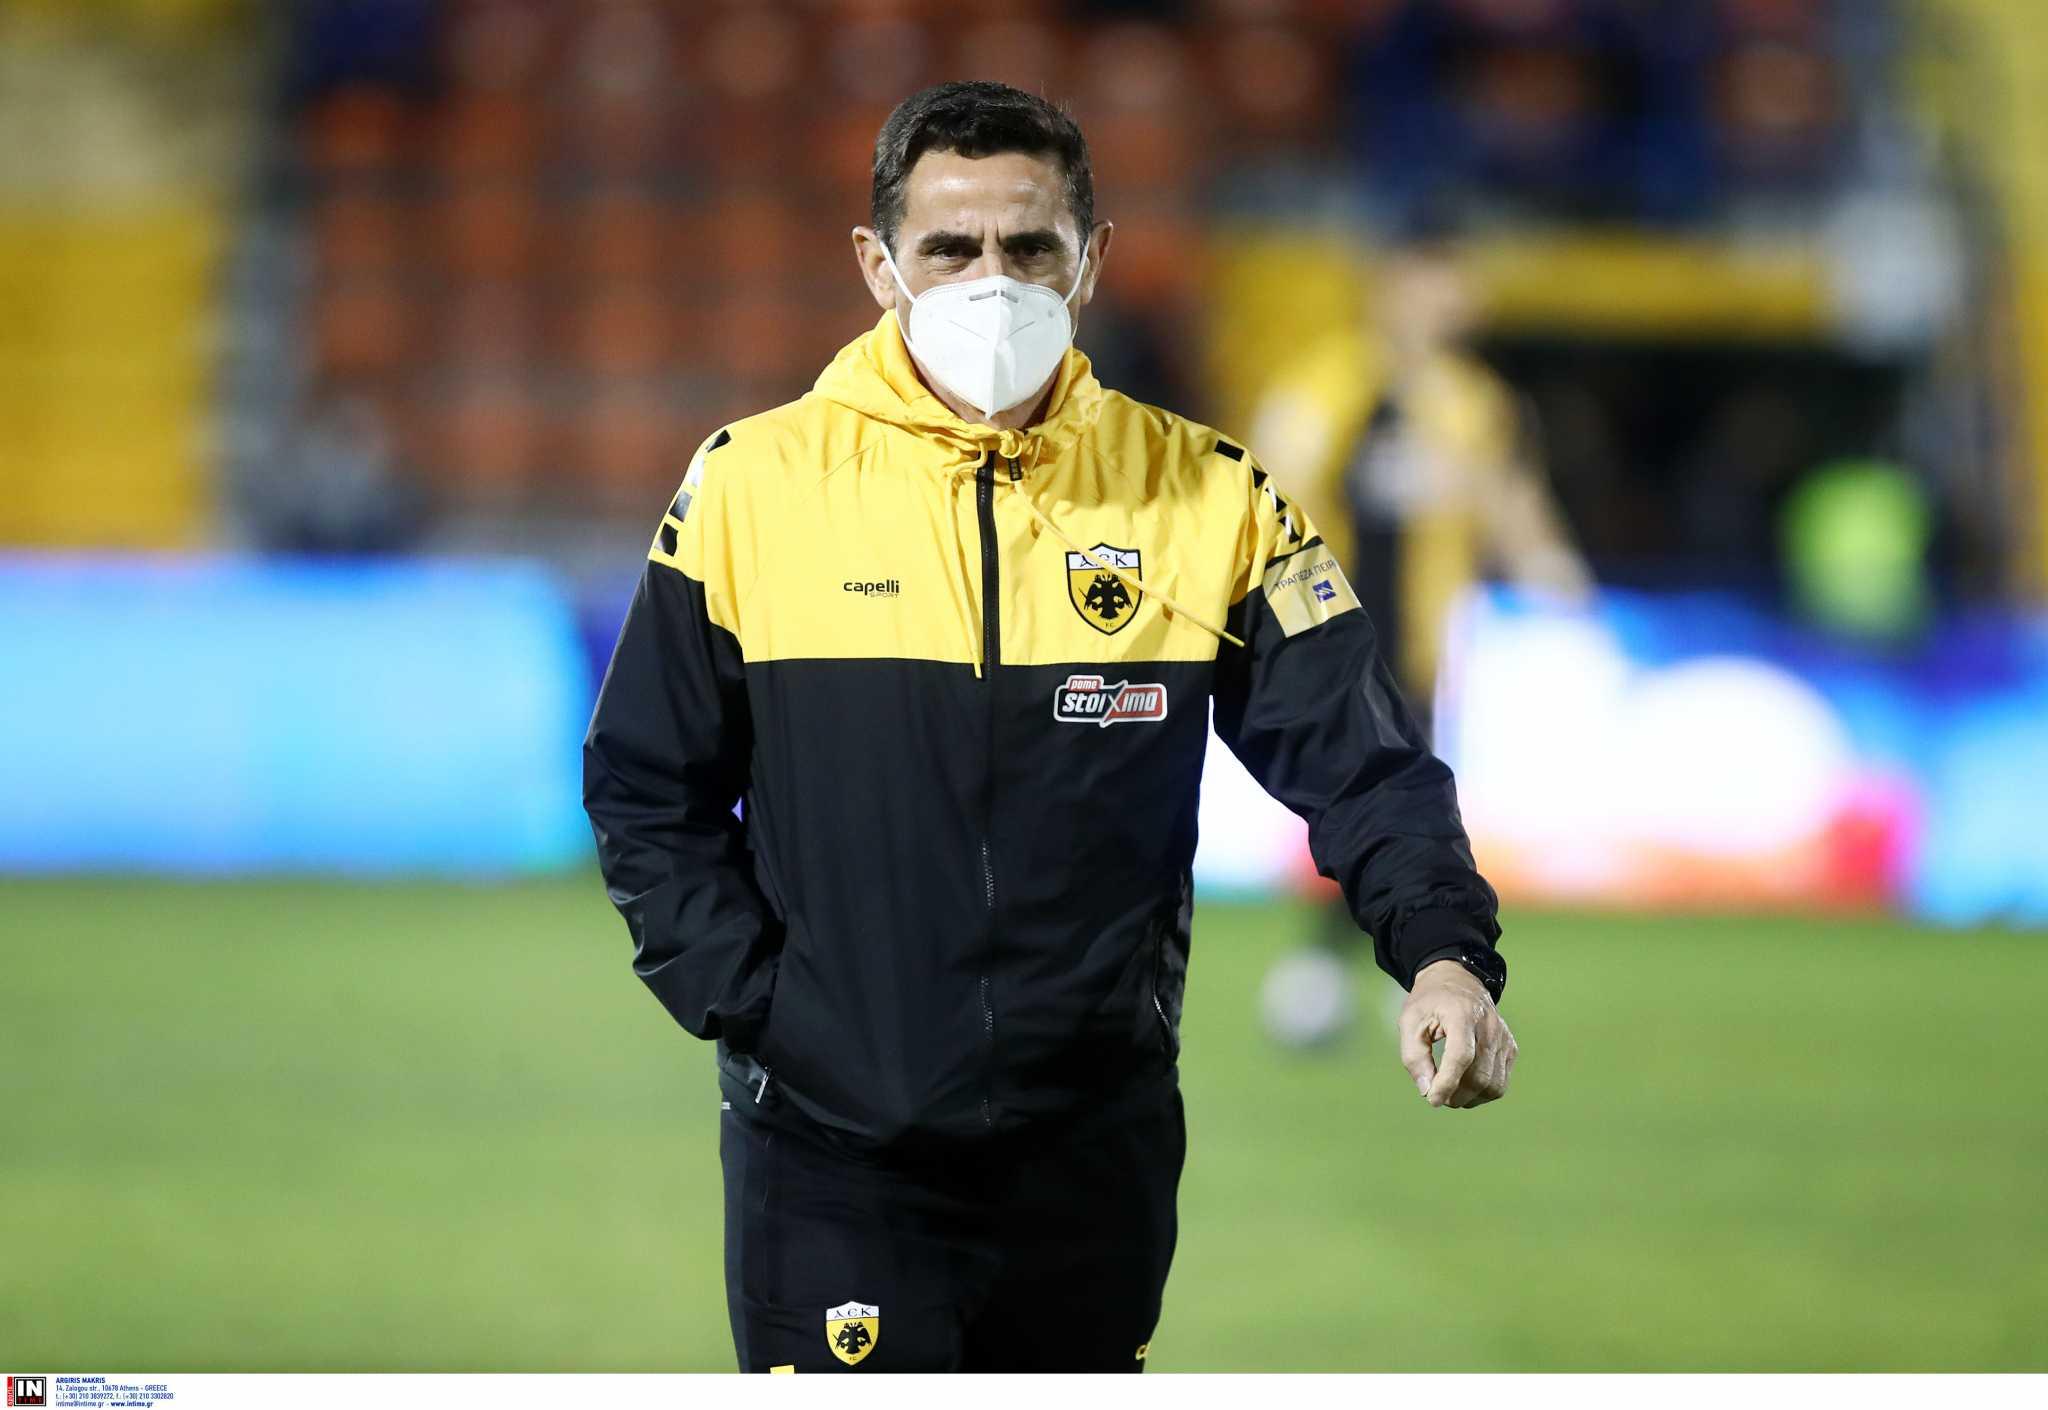 ΑΕΚ: Αποχωρεί ο Χιμένεθ στο τέλος της σεζόν